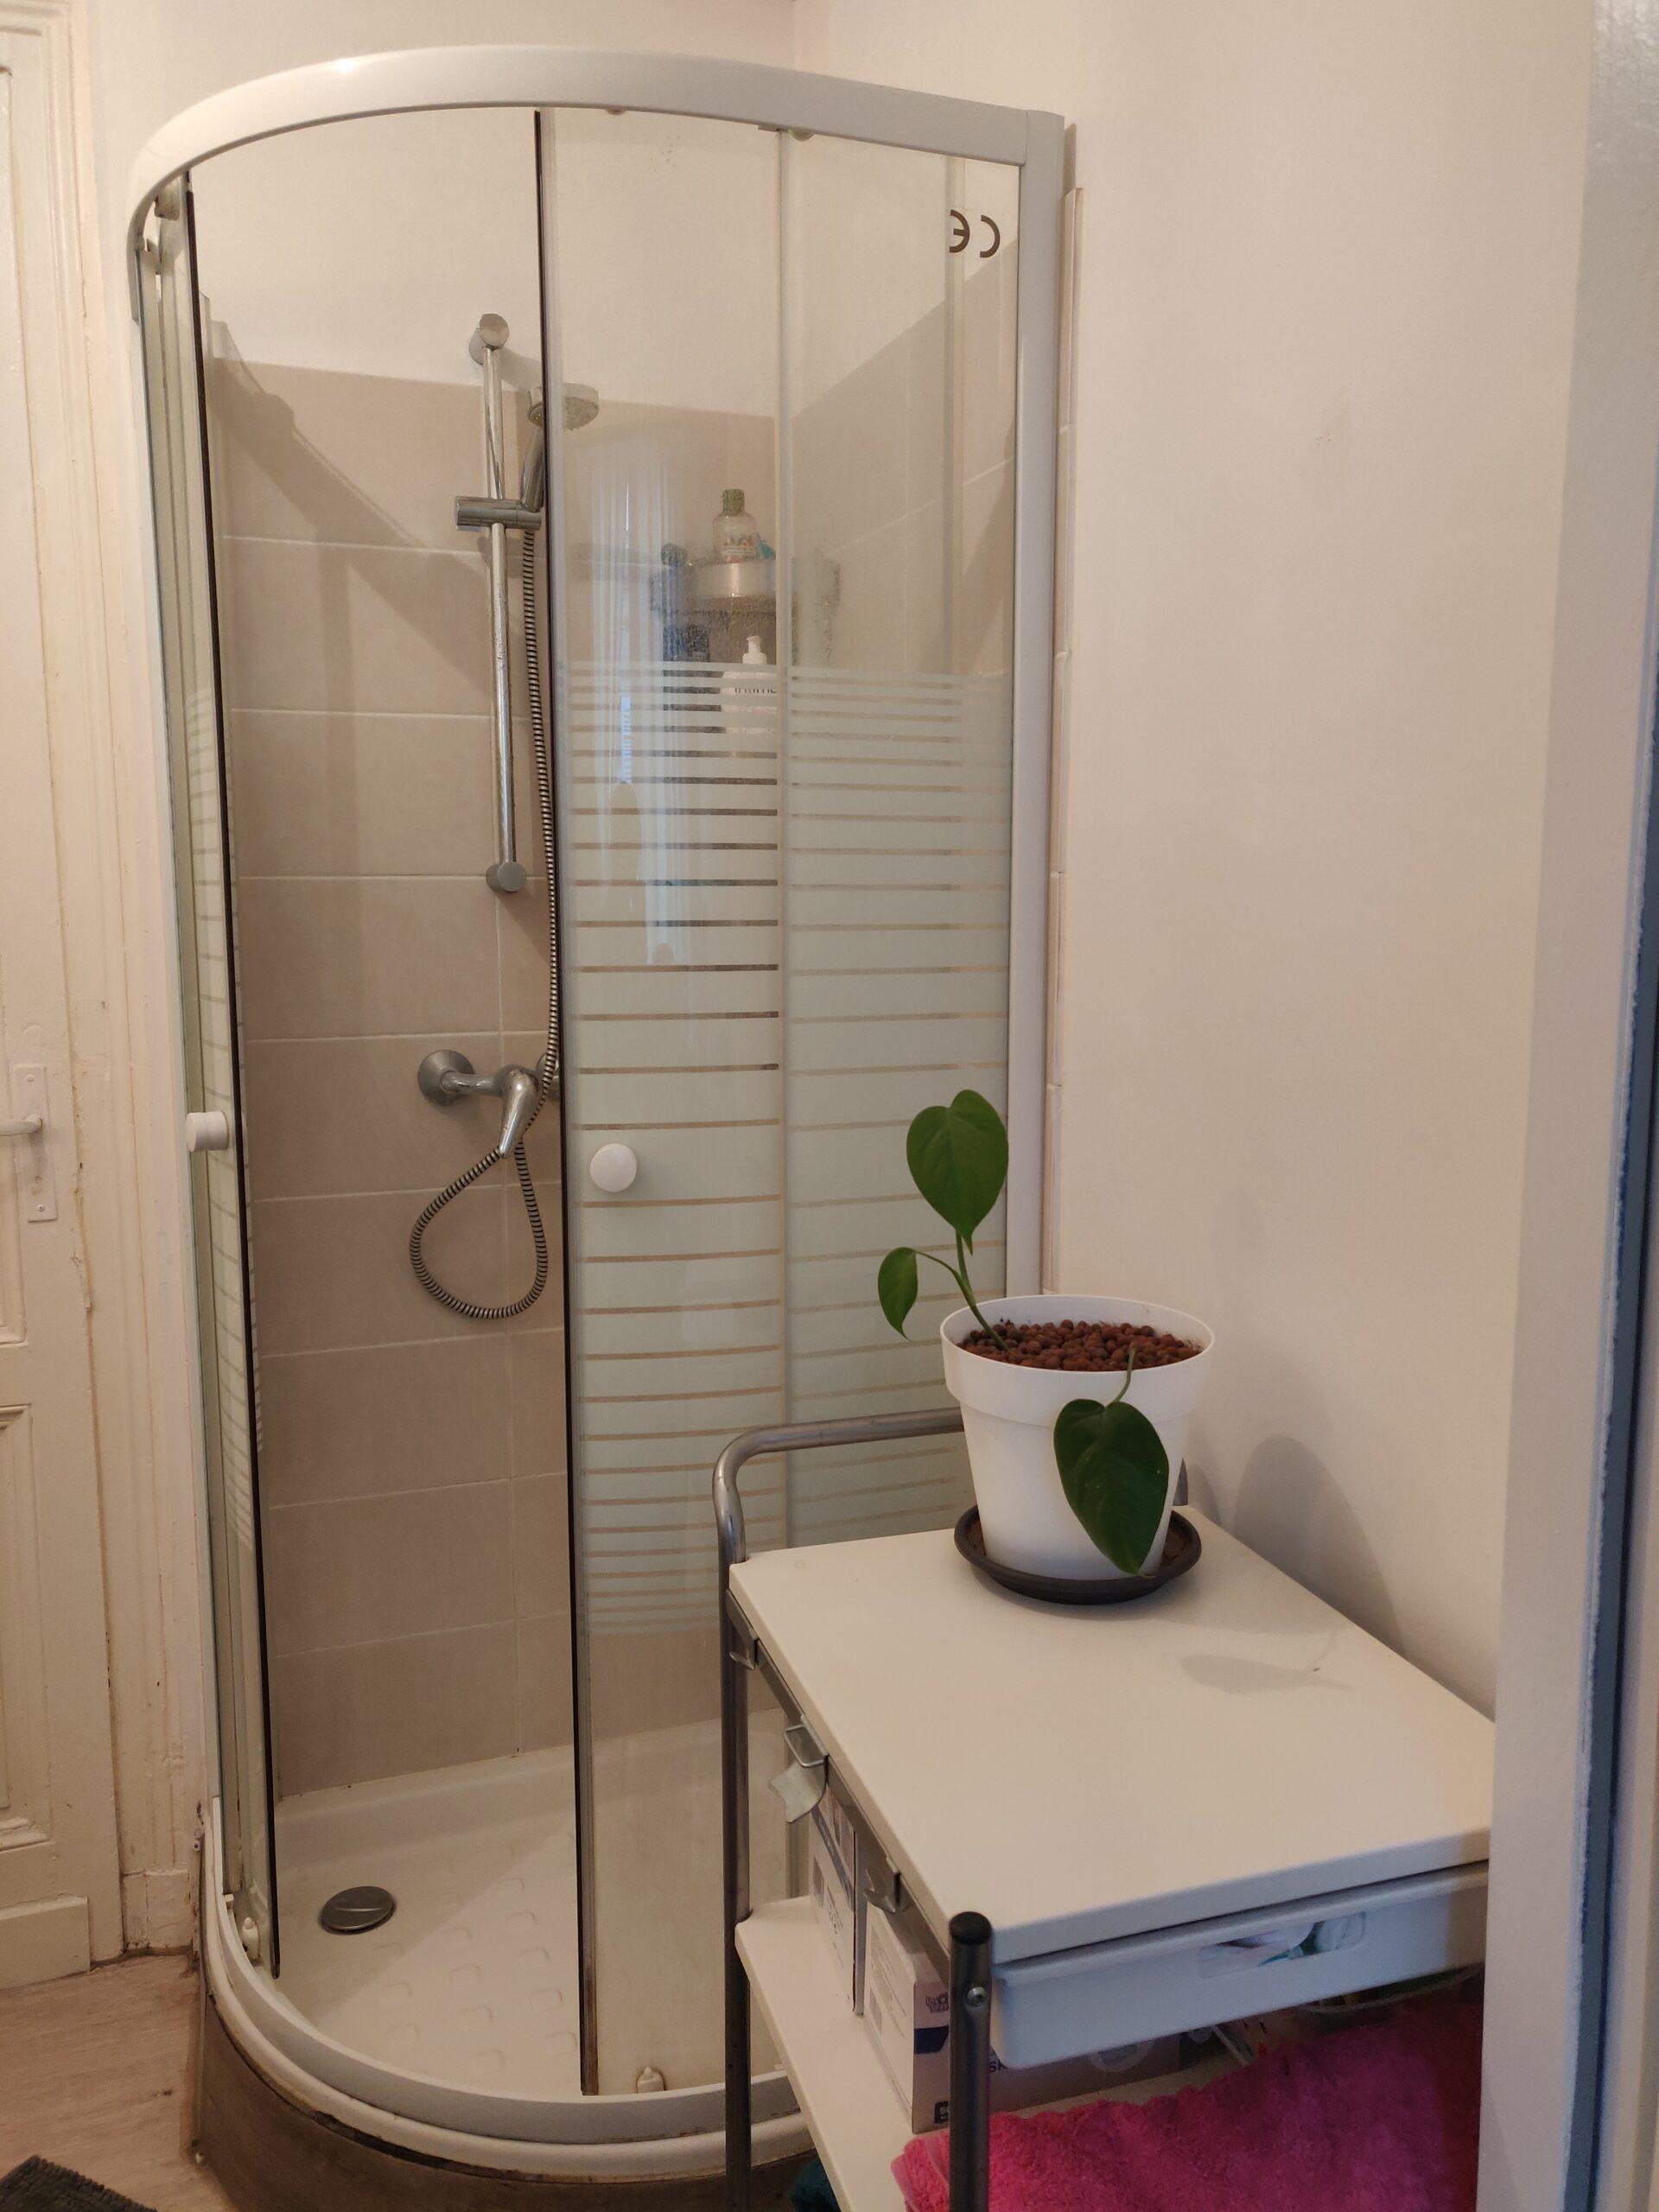 Photo d'une salle de bain. En arrière-plan, une douche, ouverte. Au premier plan, un meuble blanc, où est posé une plante verte dans son pot blanc.